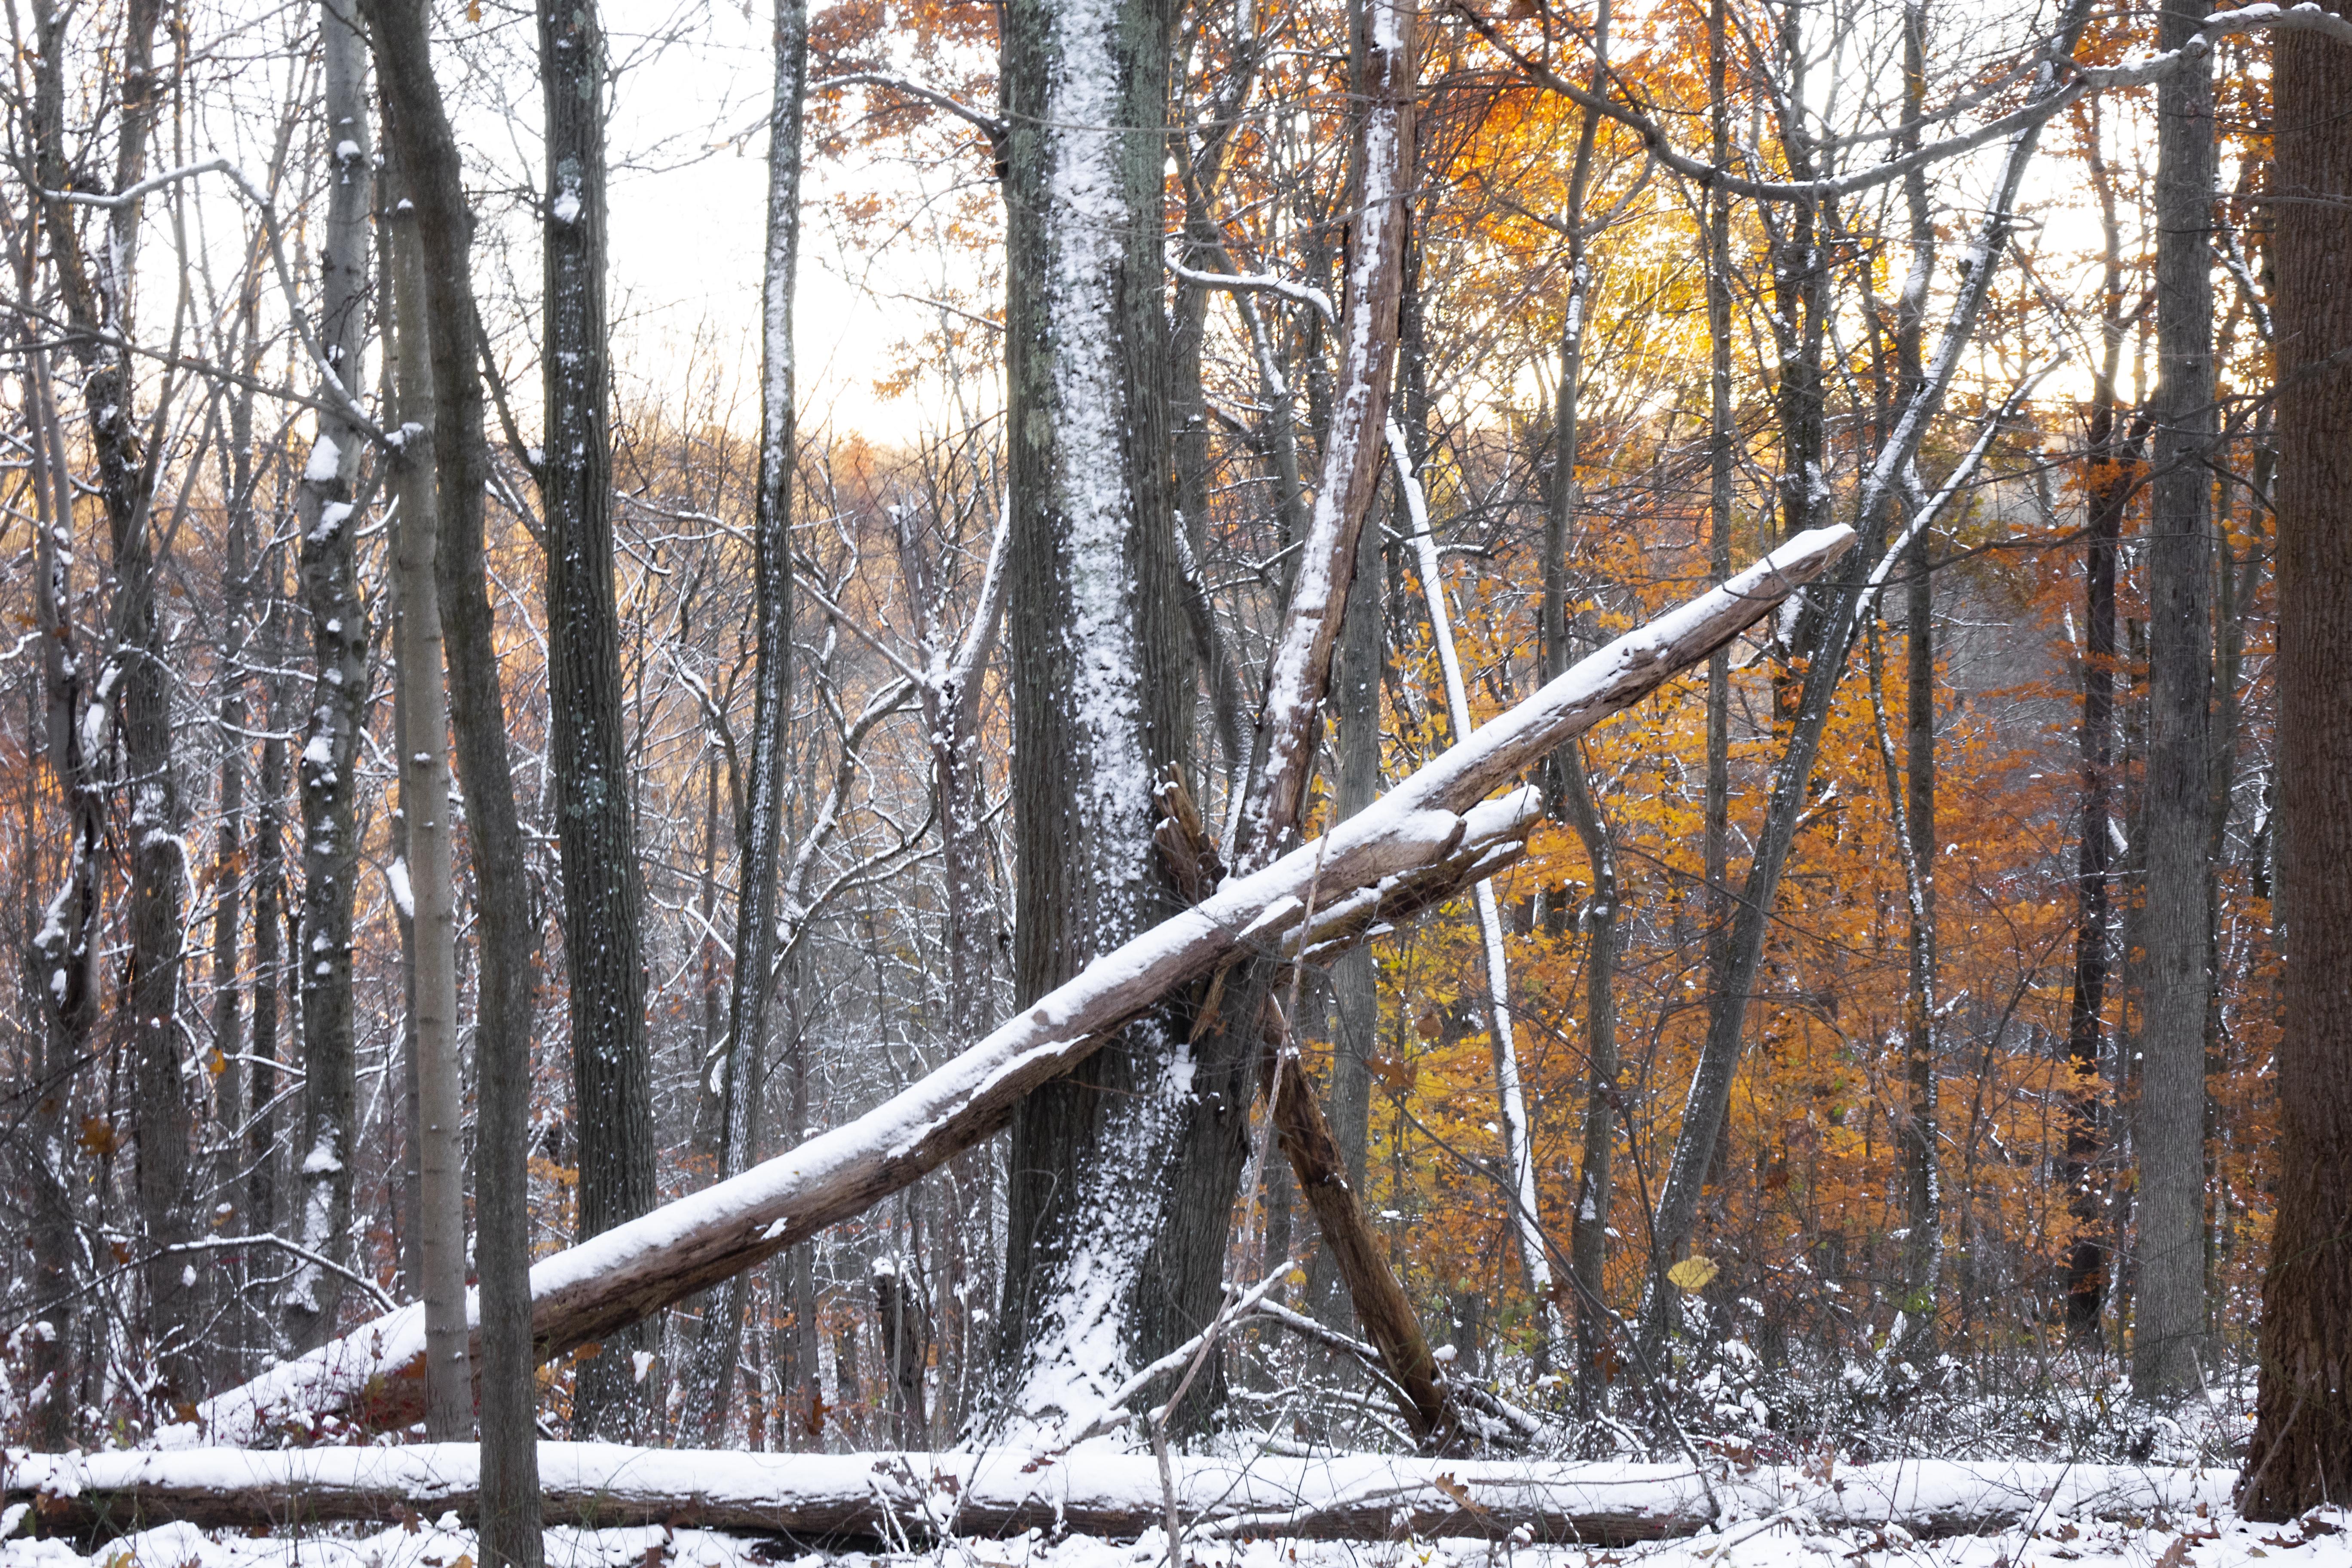 First Snow - Fallen